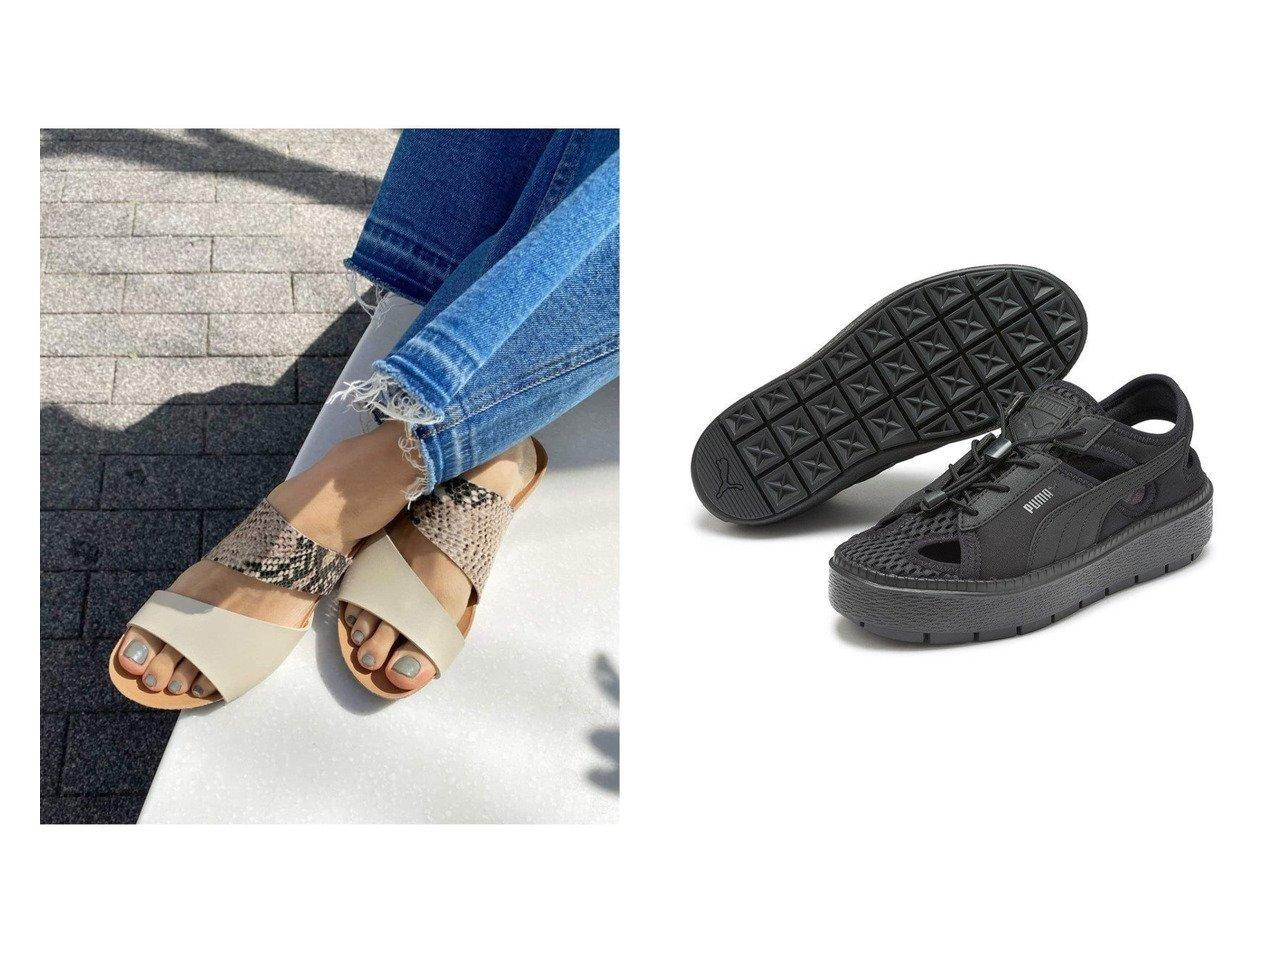 【emmi/エミ】の【PUMA】Platform Trace Lite mules&【JOURNAL STANDARD relume/ジャーナルスタンダード レリューム】の【プラクトン】 2ストラップサンダル 【シューズ・靴】おすすめ!人気、トレンド・レディースファッションの通販  おすすめで人気の流行・トレンド、ファッションの通販商品 インテリア・家具・メンズファッション・キッズファッション・レディースファッション・服の通販 founy(ファニー) https://founy.com/ ファッション Fashion レディースファッション WOMEN 2021年 2021 2021春夏・S/S SS/Spring/Summer/2021 S/S・春夏 SS・Spring/Summer サンダル シューズ ストラップサンダル ミュール フィット フォーム メッシュ ランニング レース 軽量 |ID:crp329100000062310